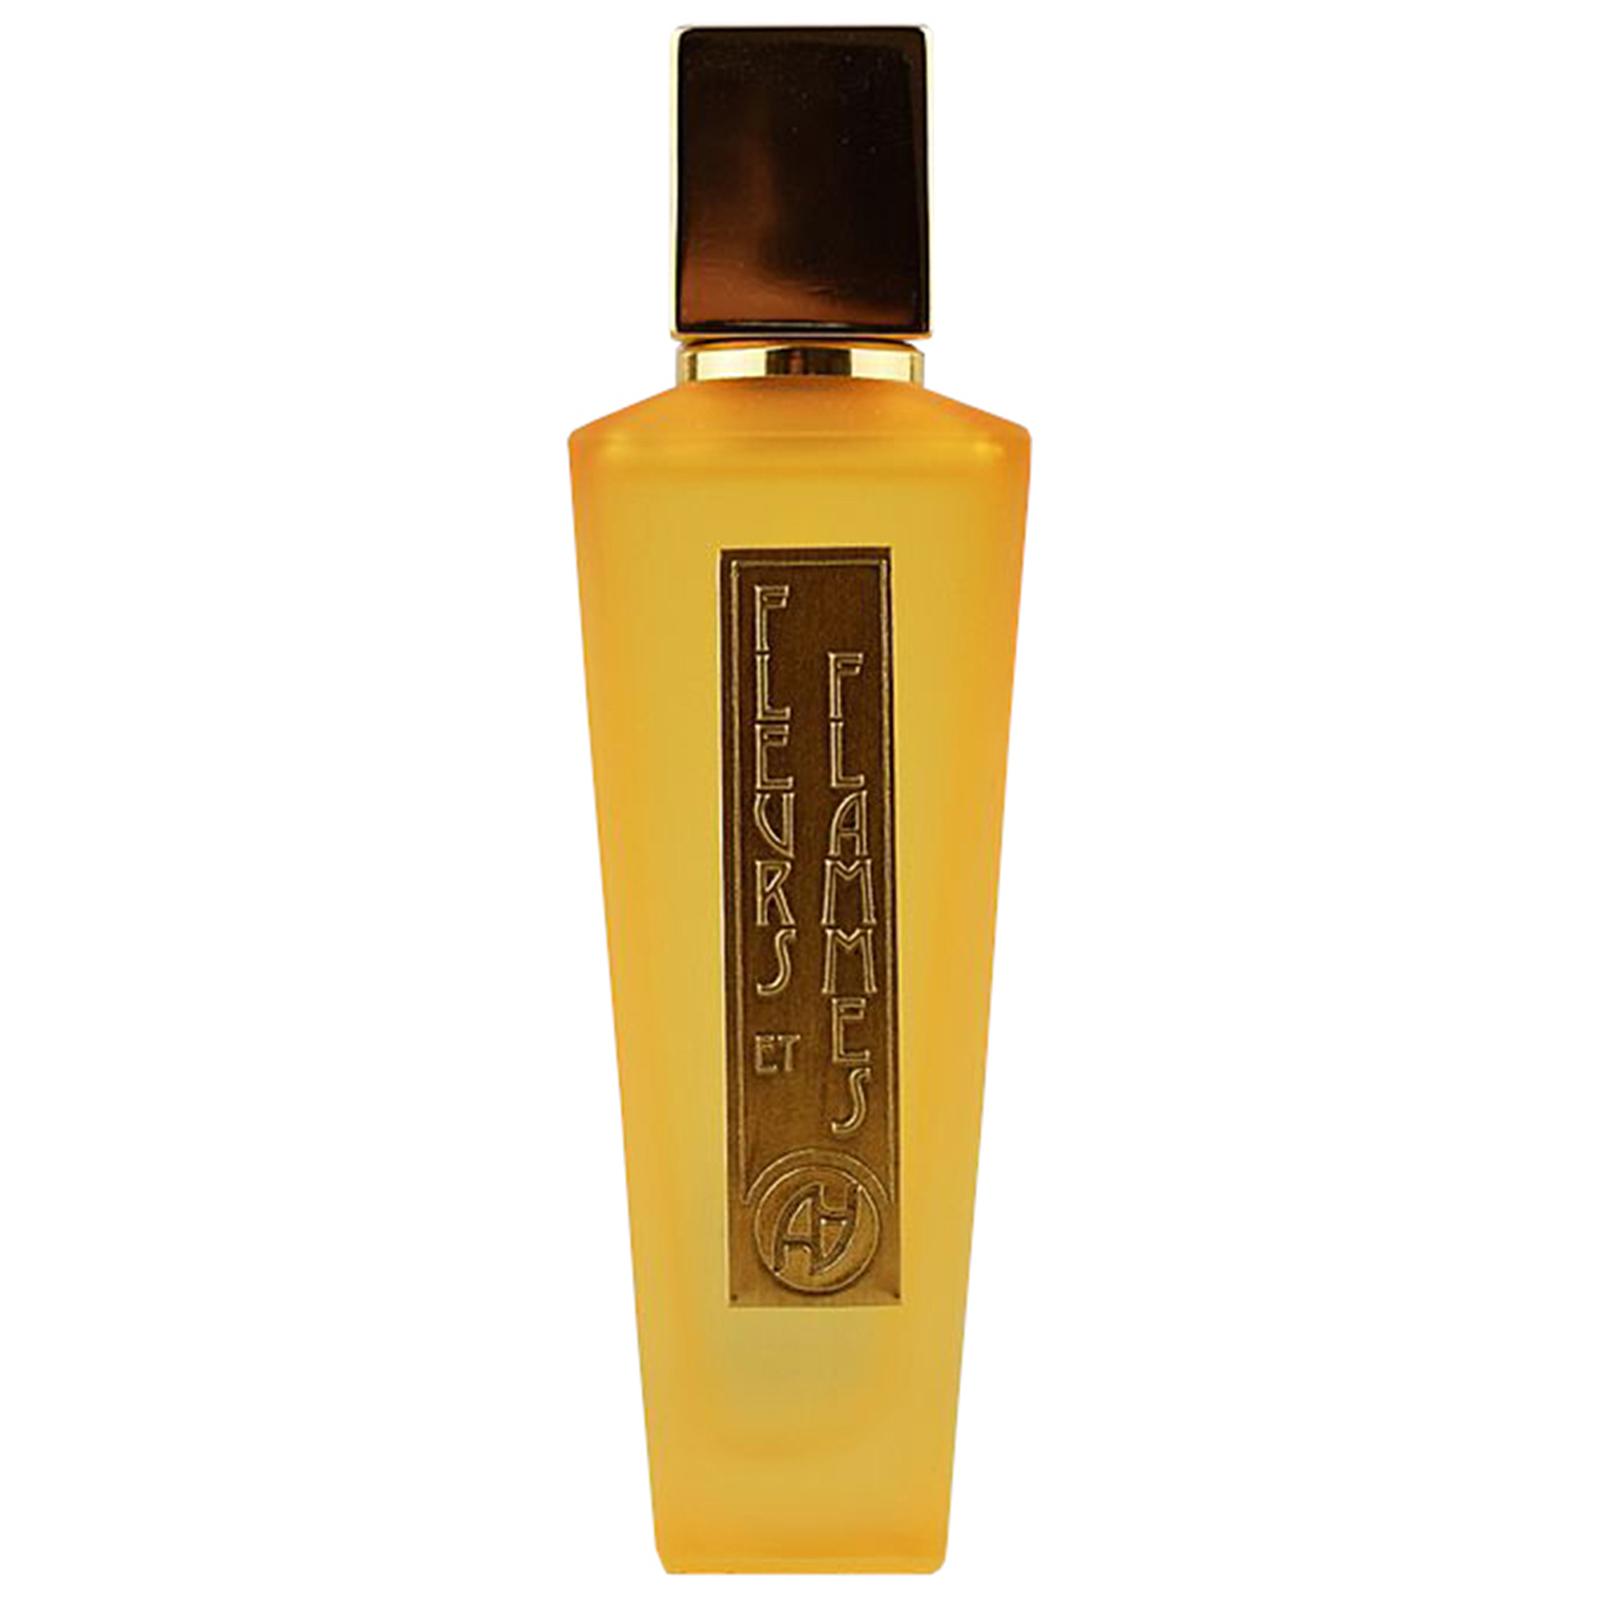 Fleurs et flammes profumo eau de parfum 50 ml